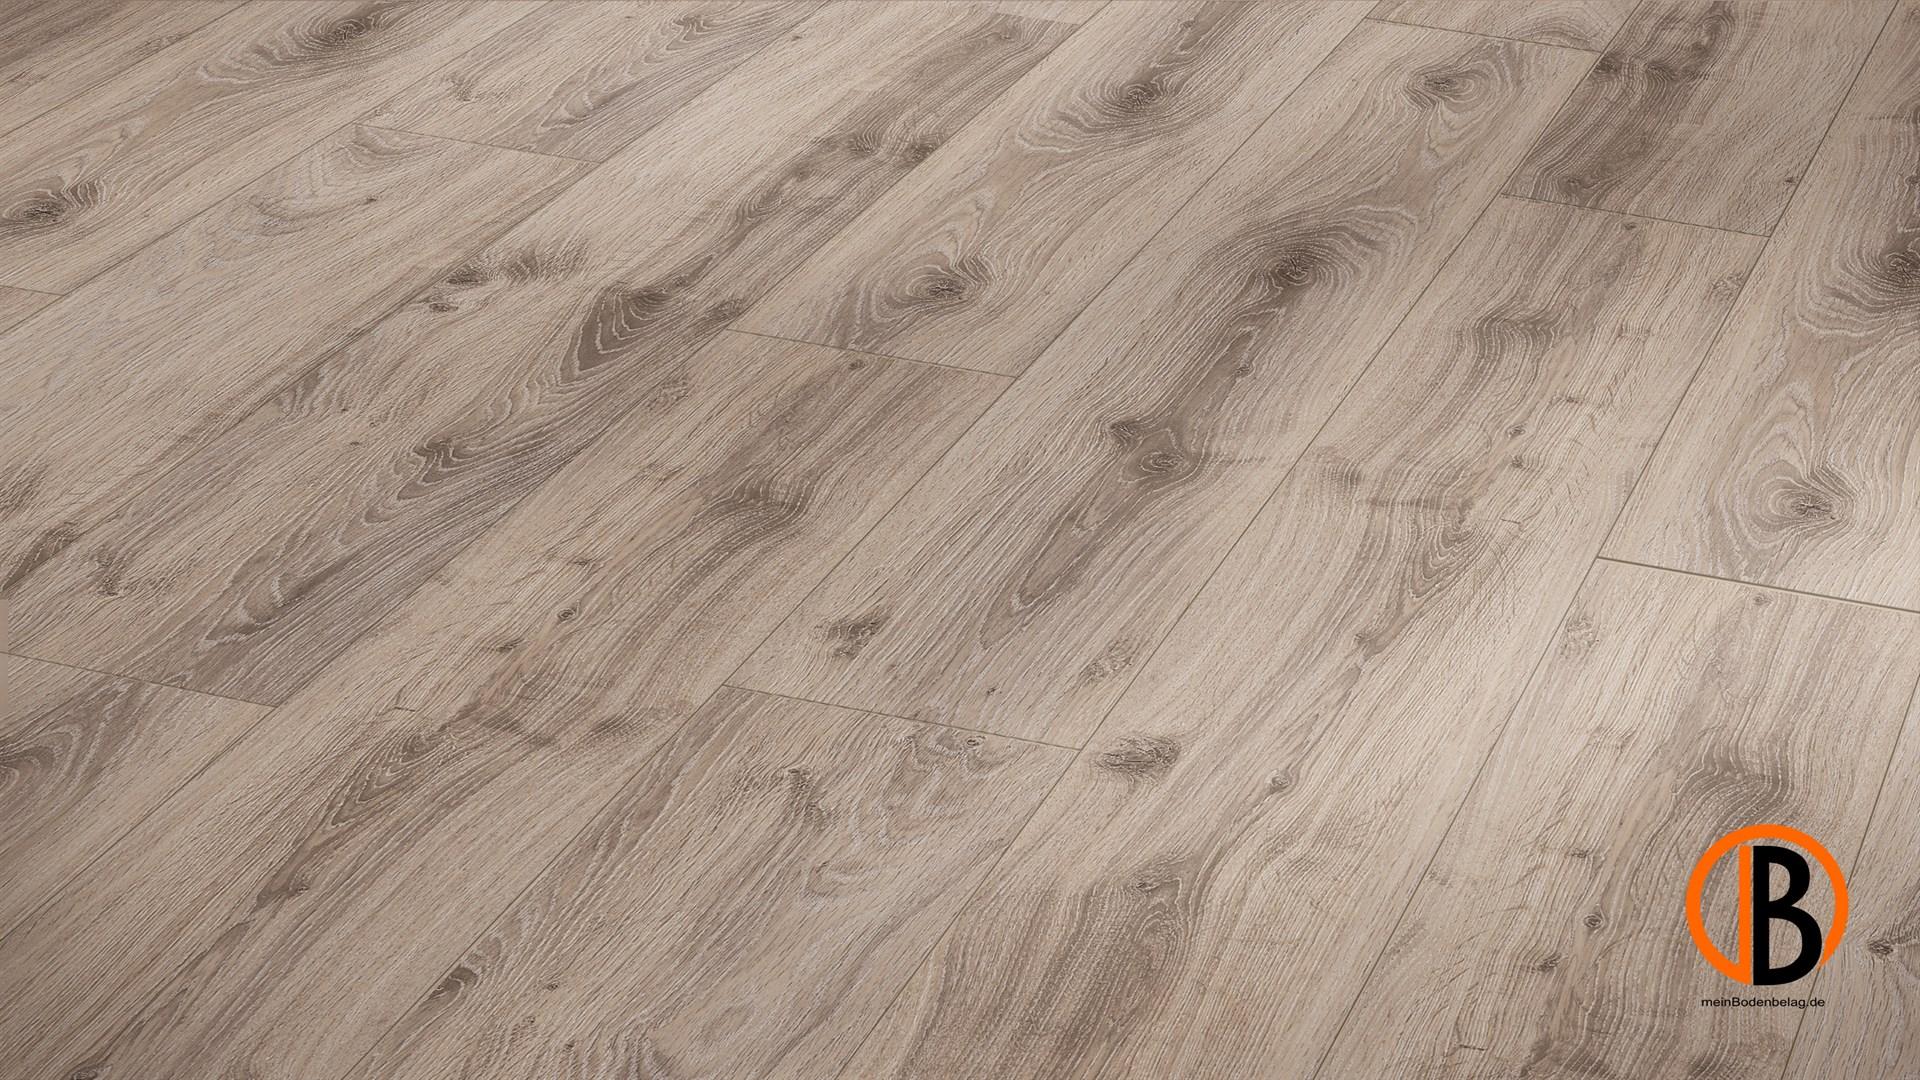 parador laminat 1050 4v eiche tradition grau beige eleganzstr lhd gefast. Black Bedroom Furniture Sets. Home Design Ideas